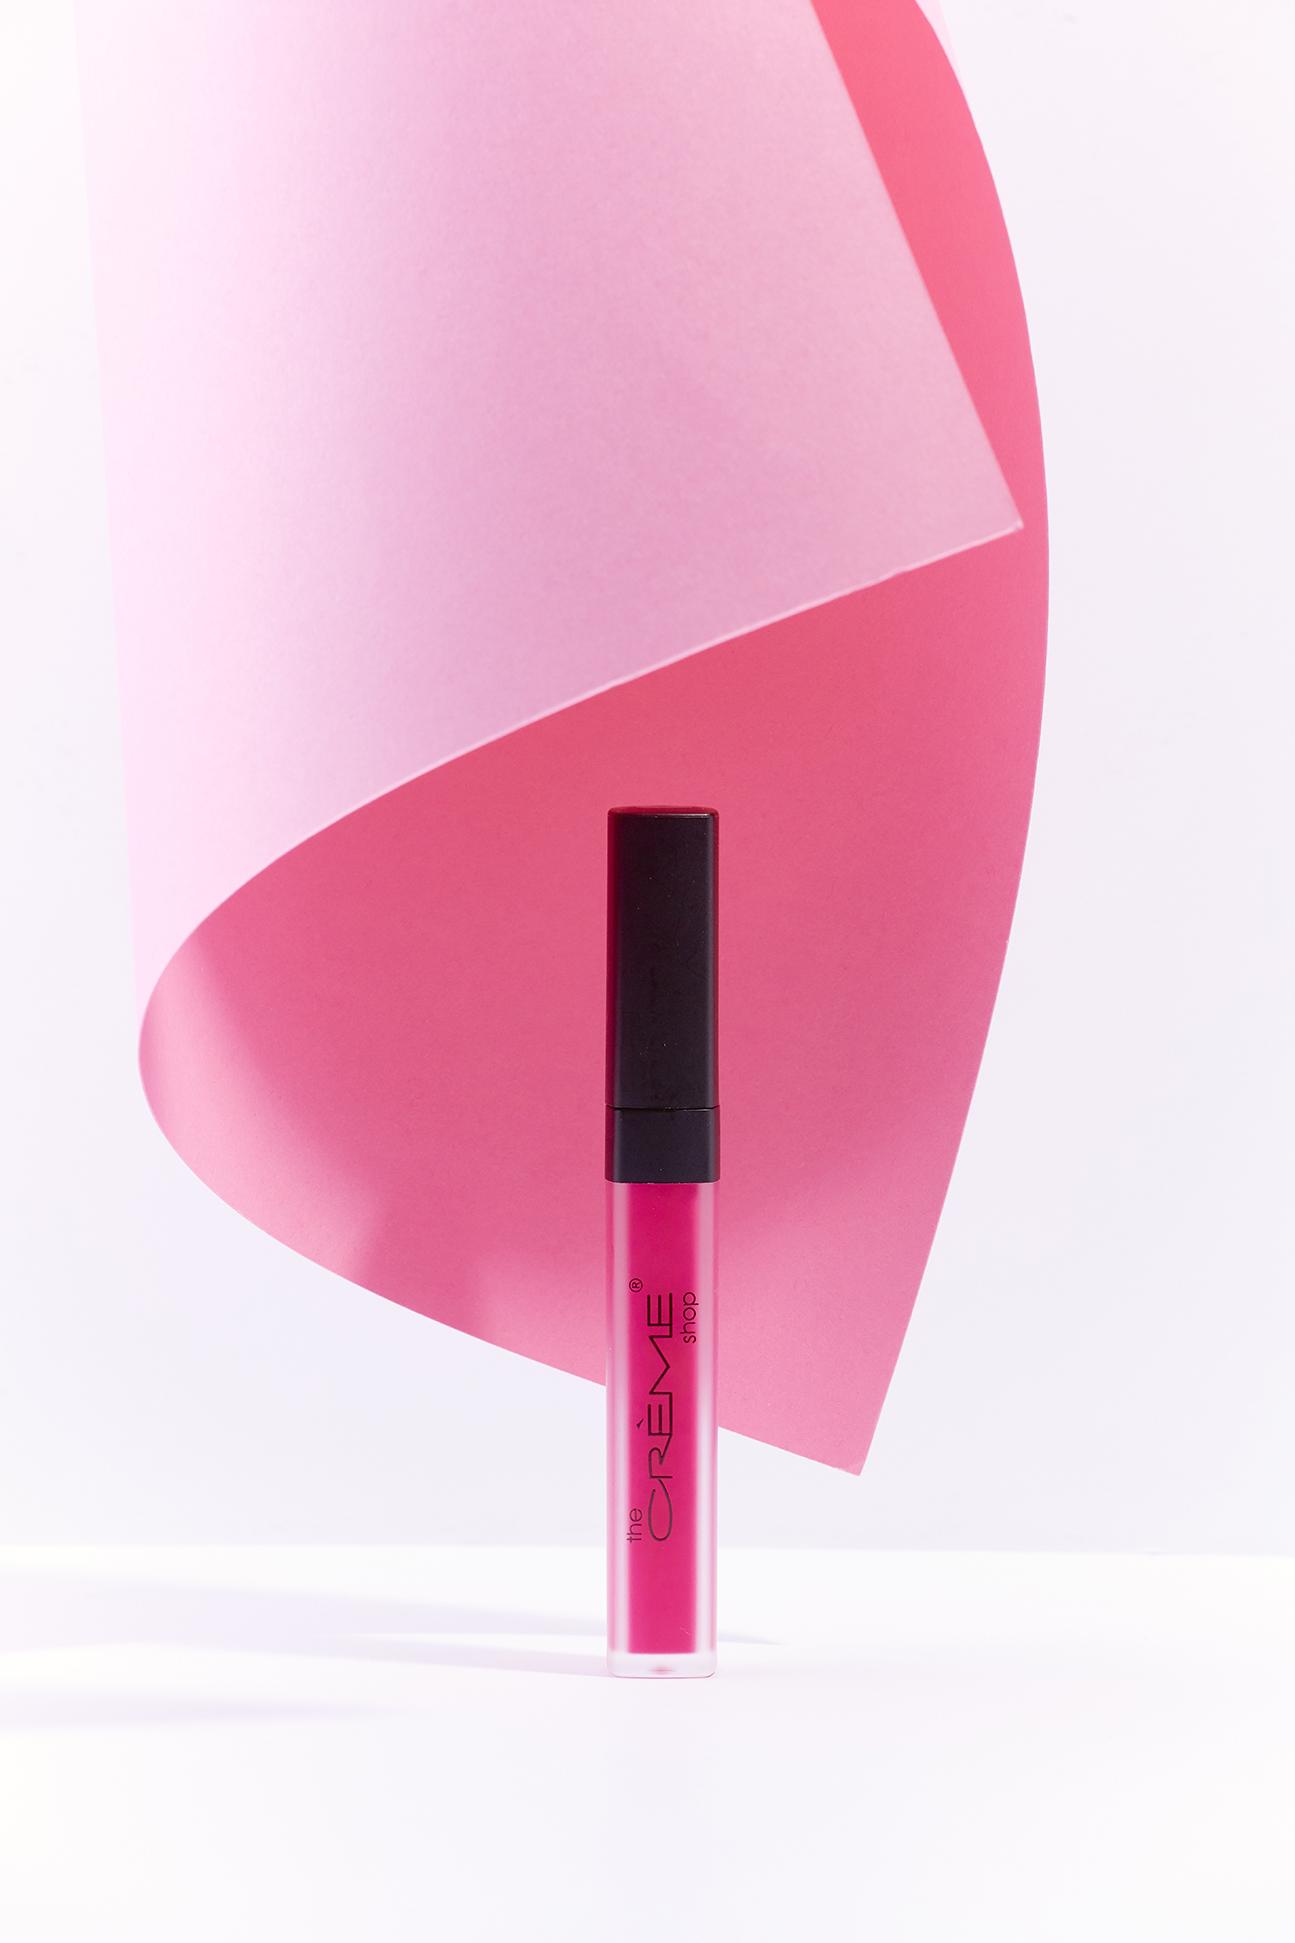 Creme Shop Lip Product Picture